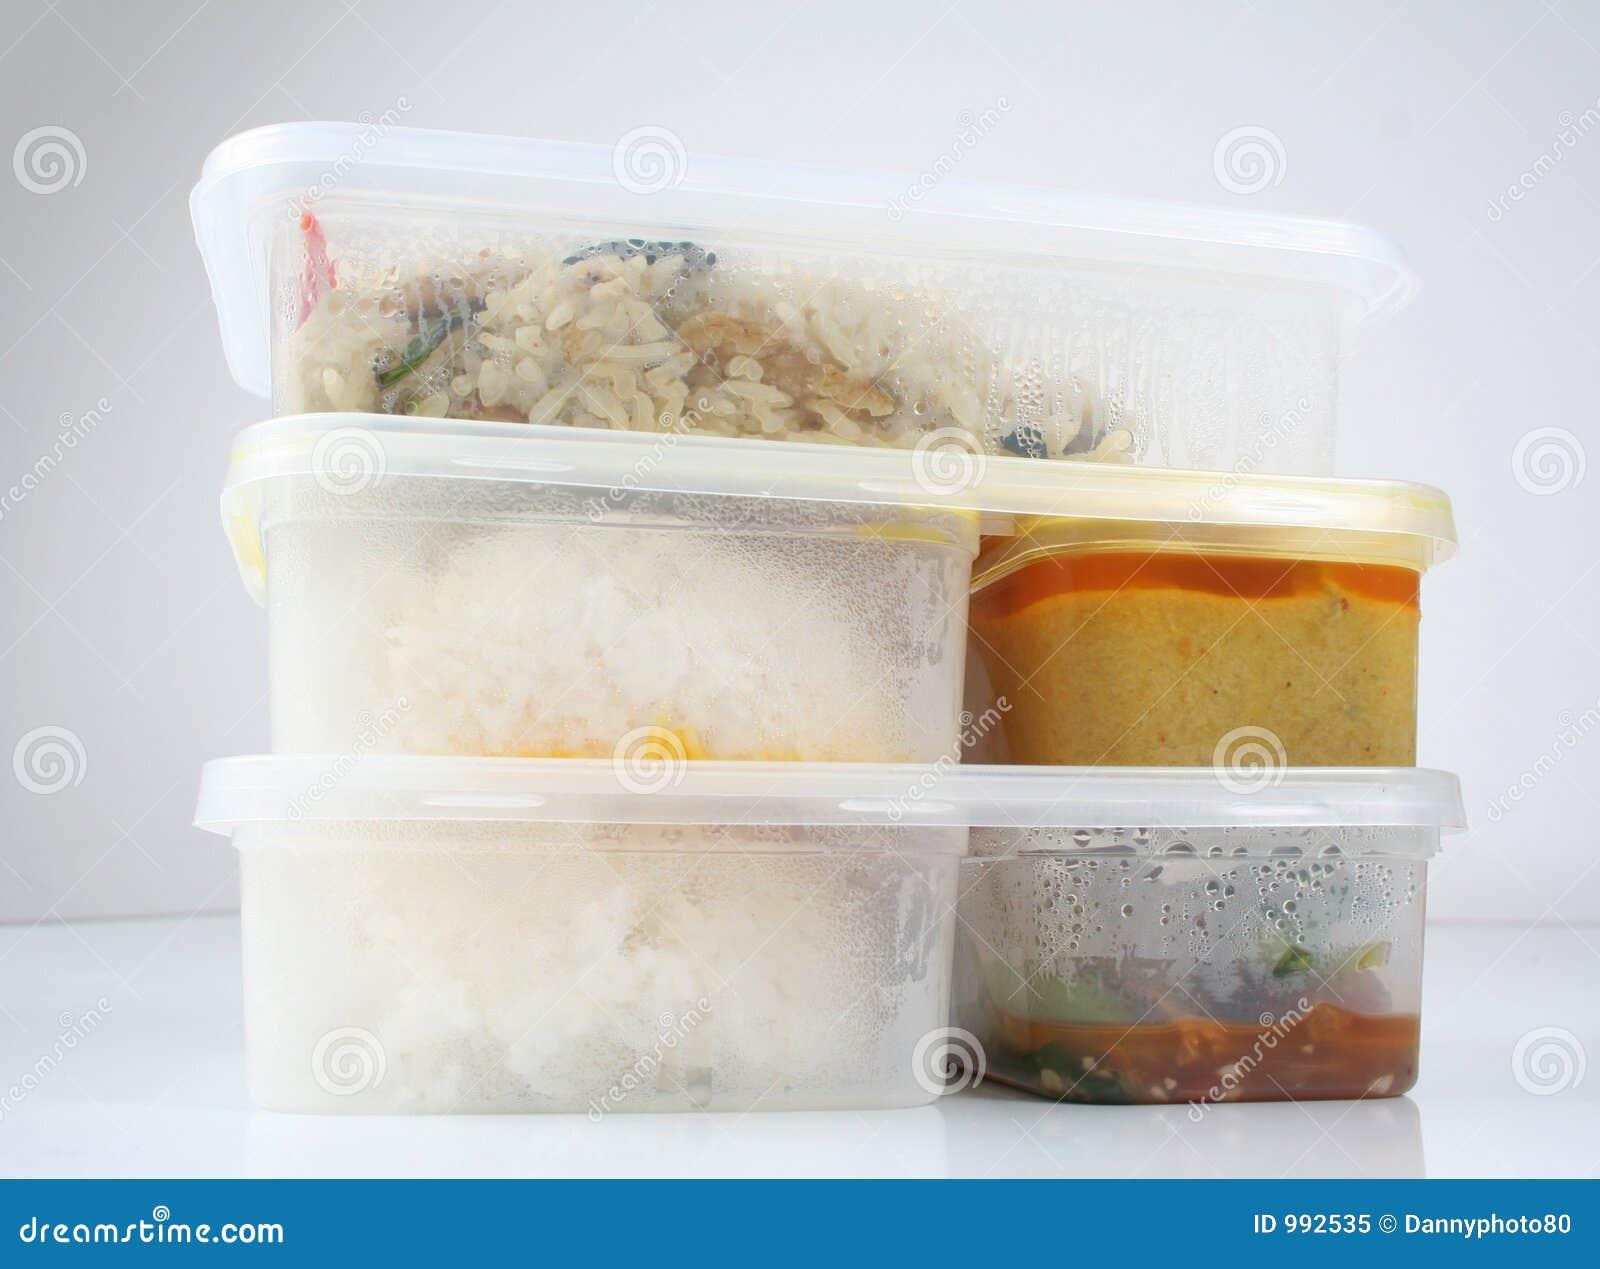 Chinese take away food